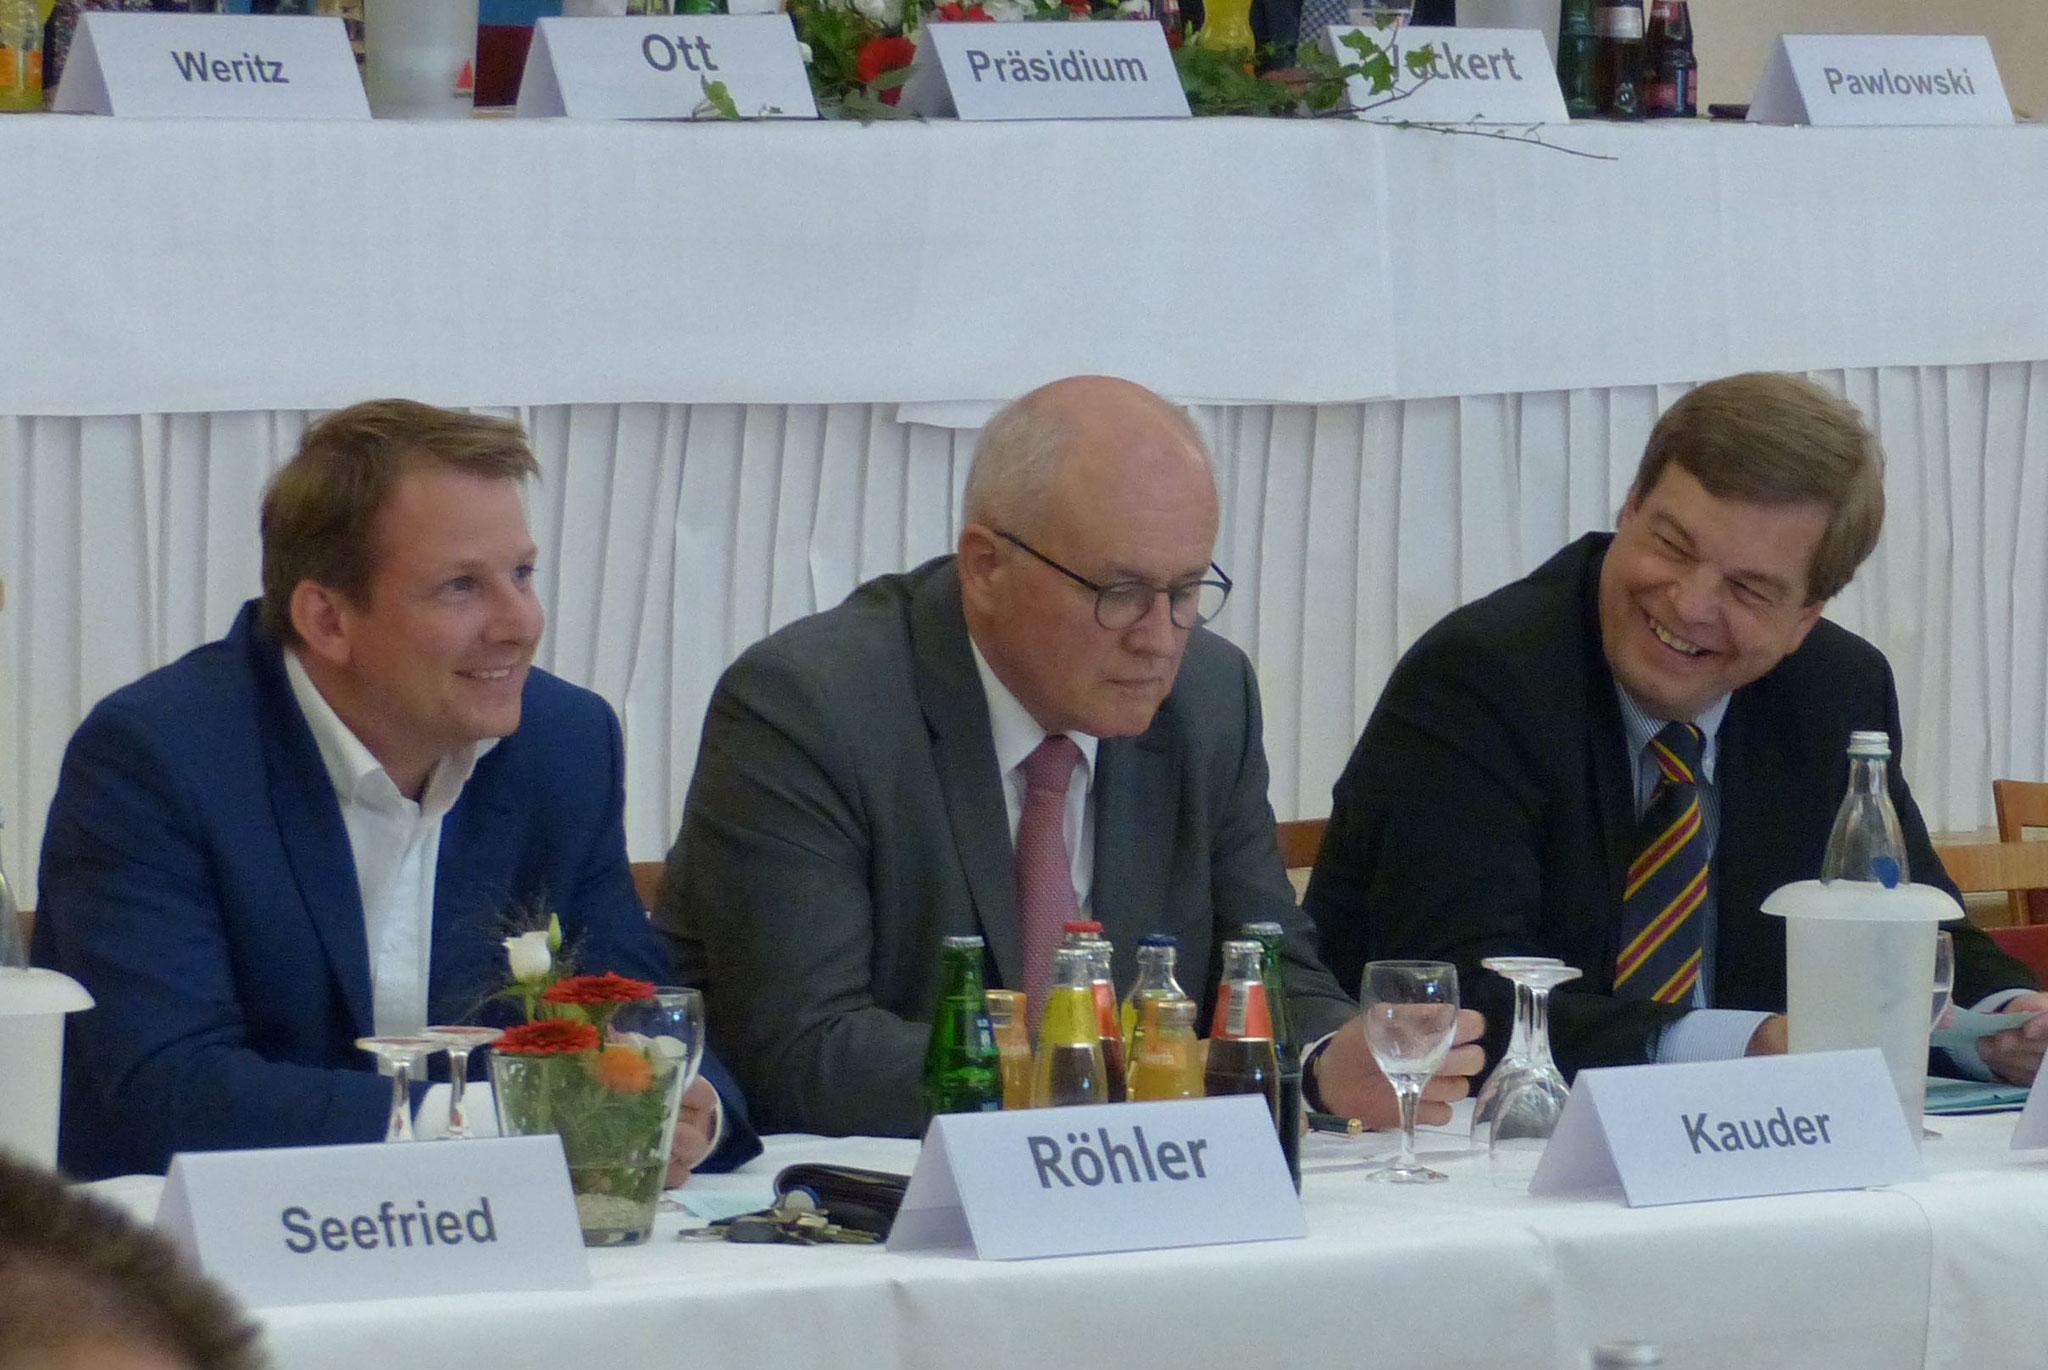 Thiemo Röhler, Volker Kauder und Enak Ferlmann verfolgen aufmerksam die Rede....